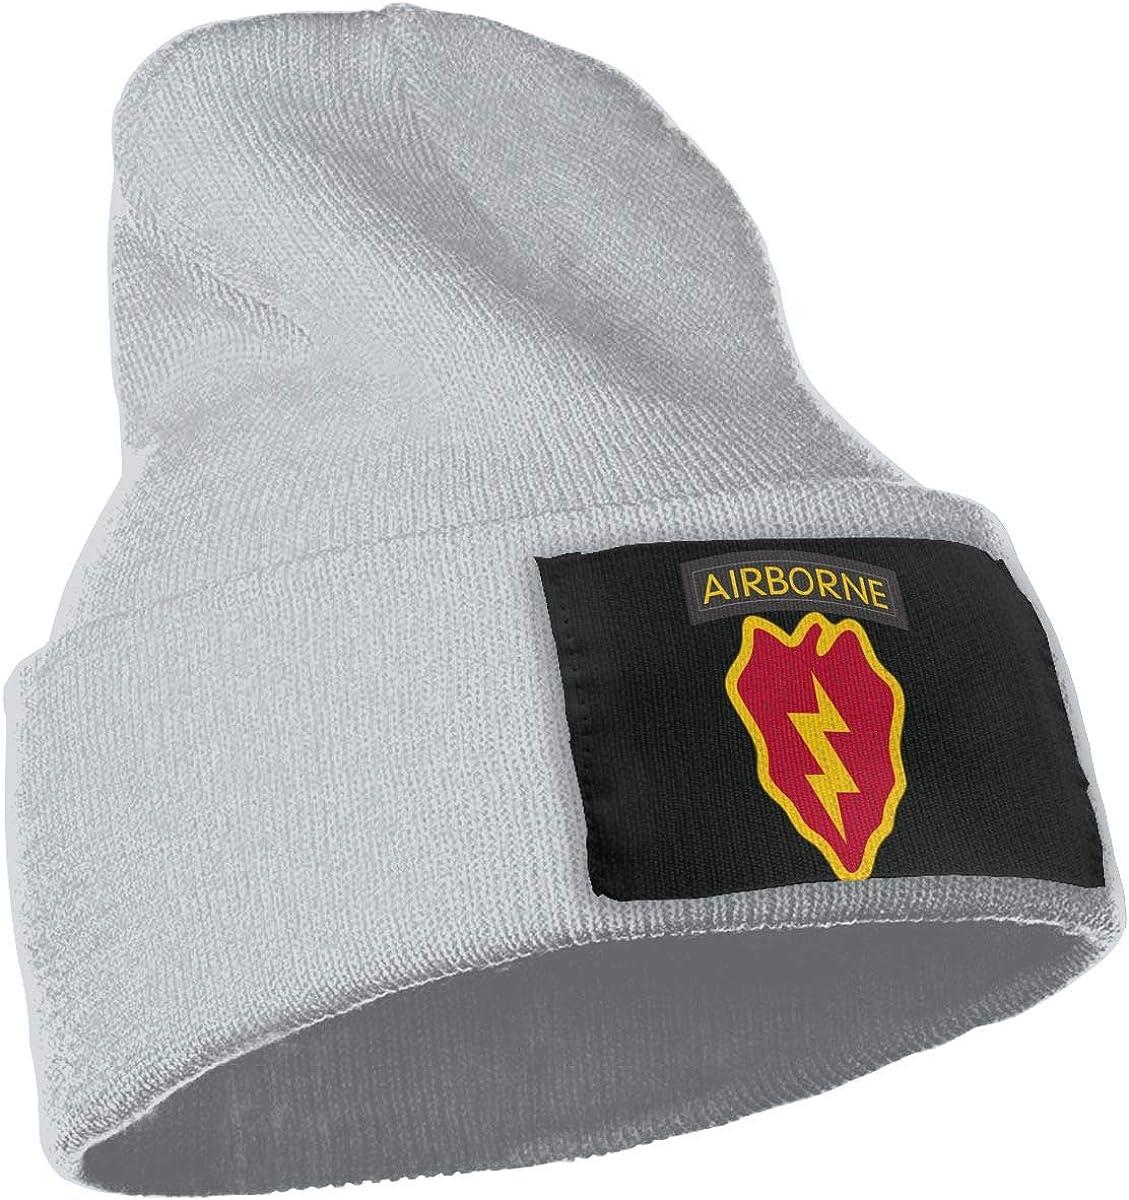 SLADDD1 4th Airborne Brigade Combat Team Warm Winter Hat Knit Beanie Skull Cap Cuff Beanie Hat Winter Hats for Men /& Women